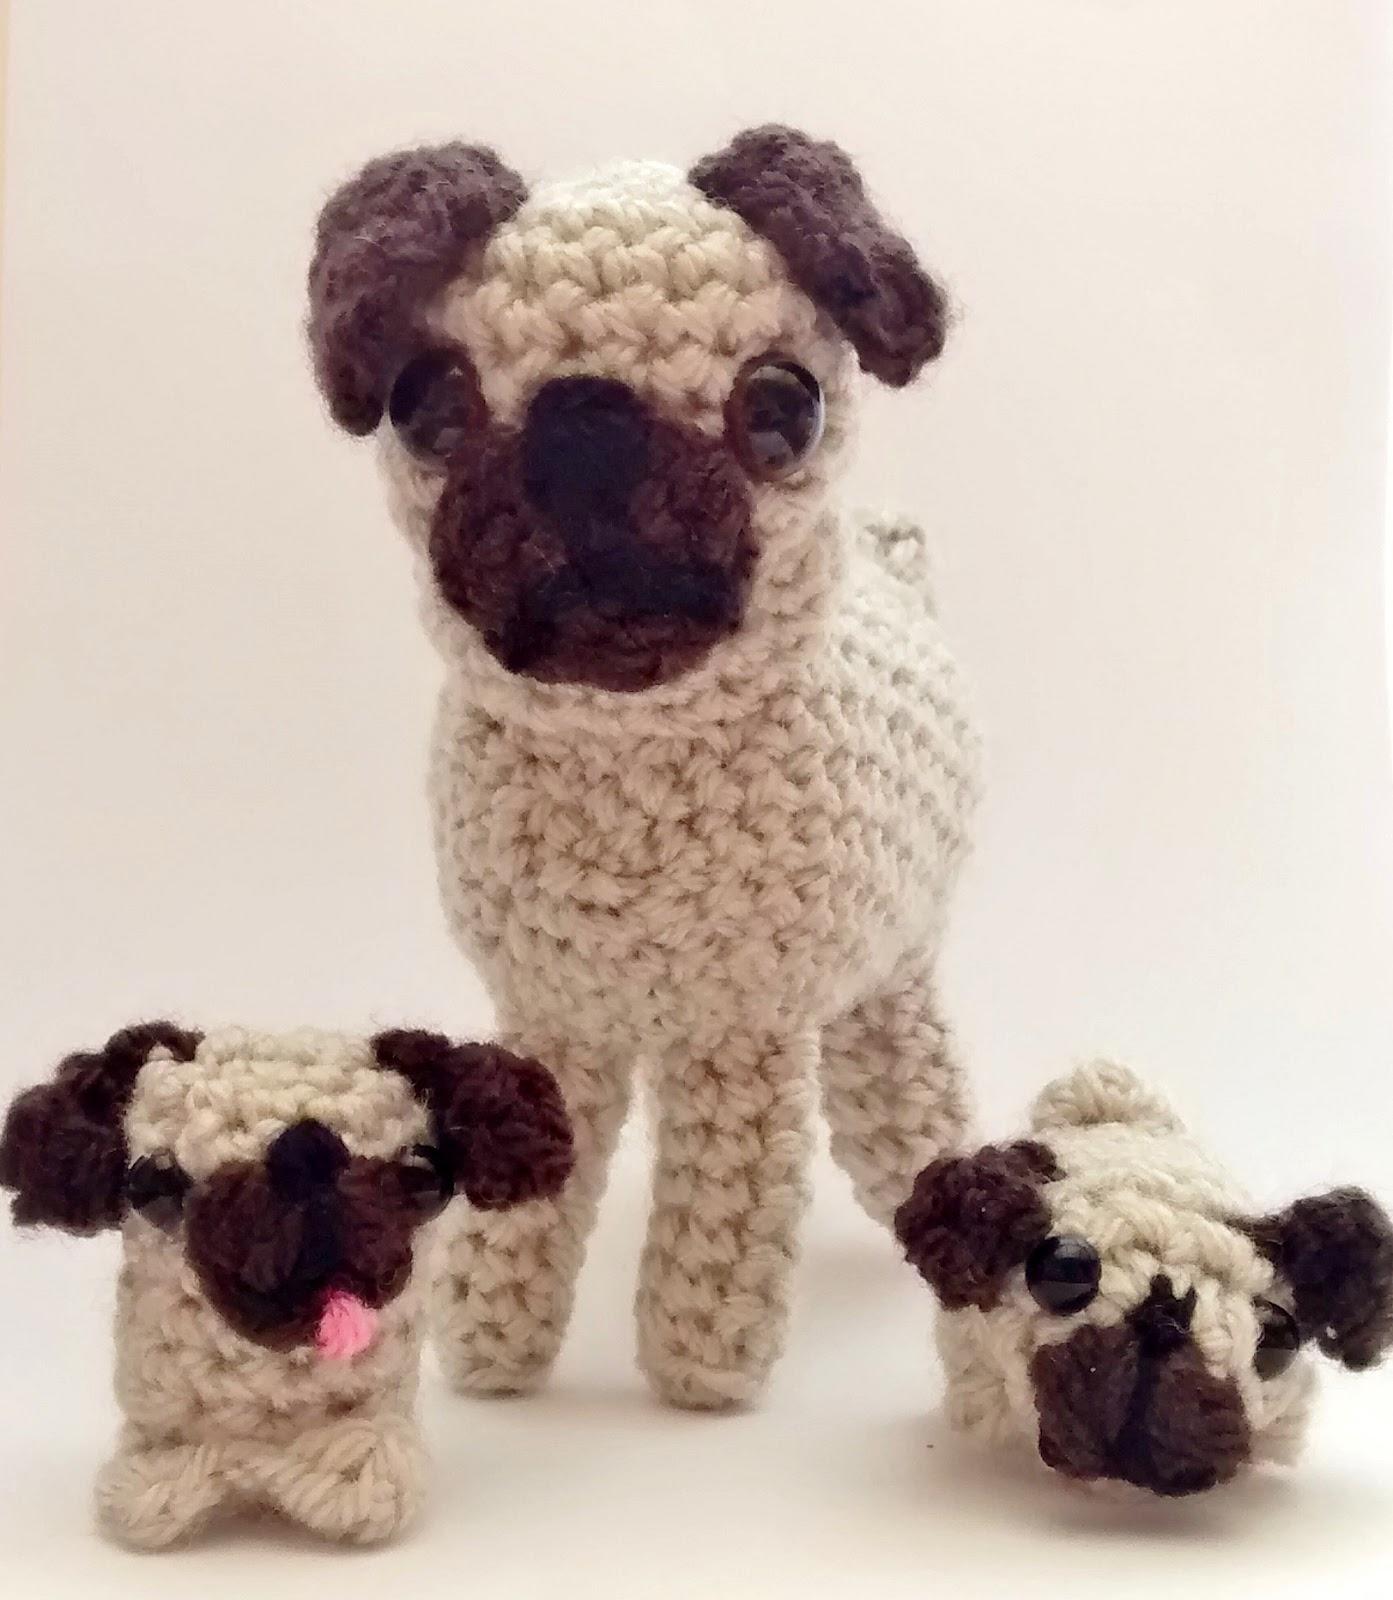 Crochet pug amigurumi by mohu | Project | Crochet / Amigurumi ... | 1600x1393